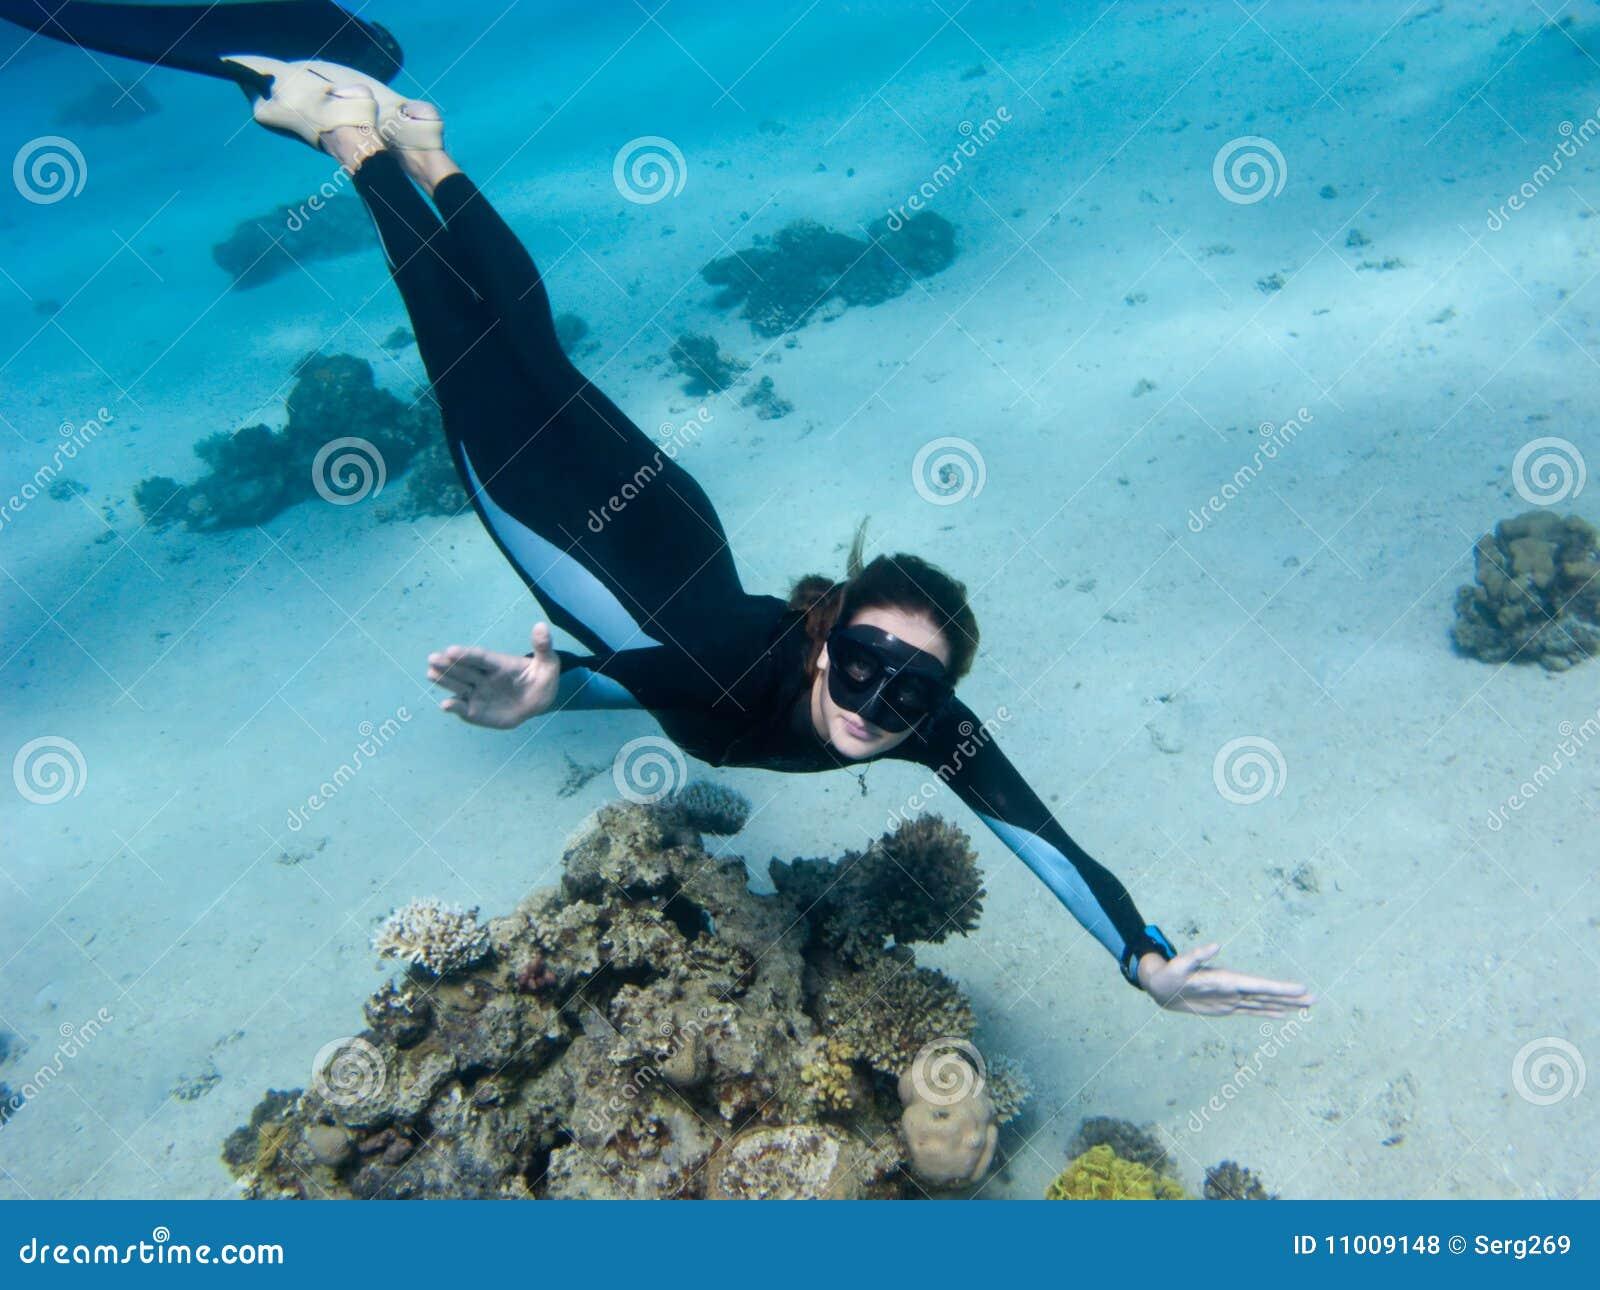 fimoe-aquaristik.com